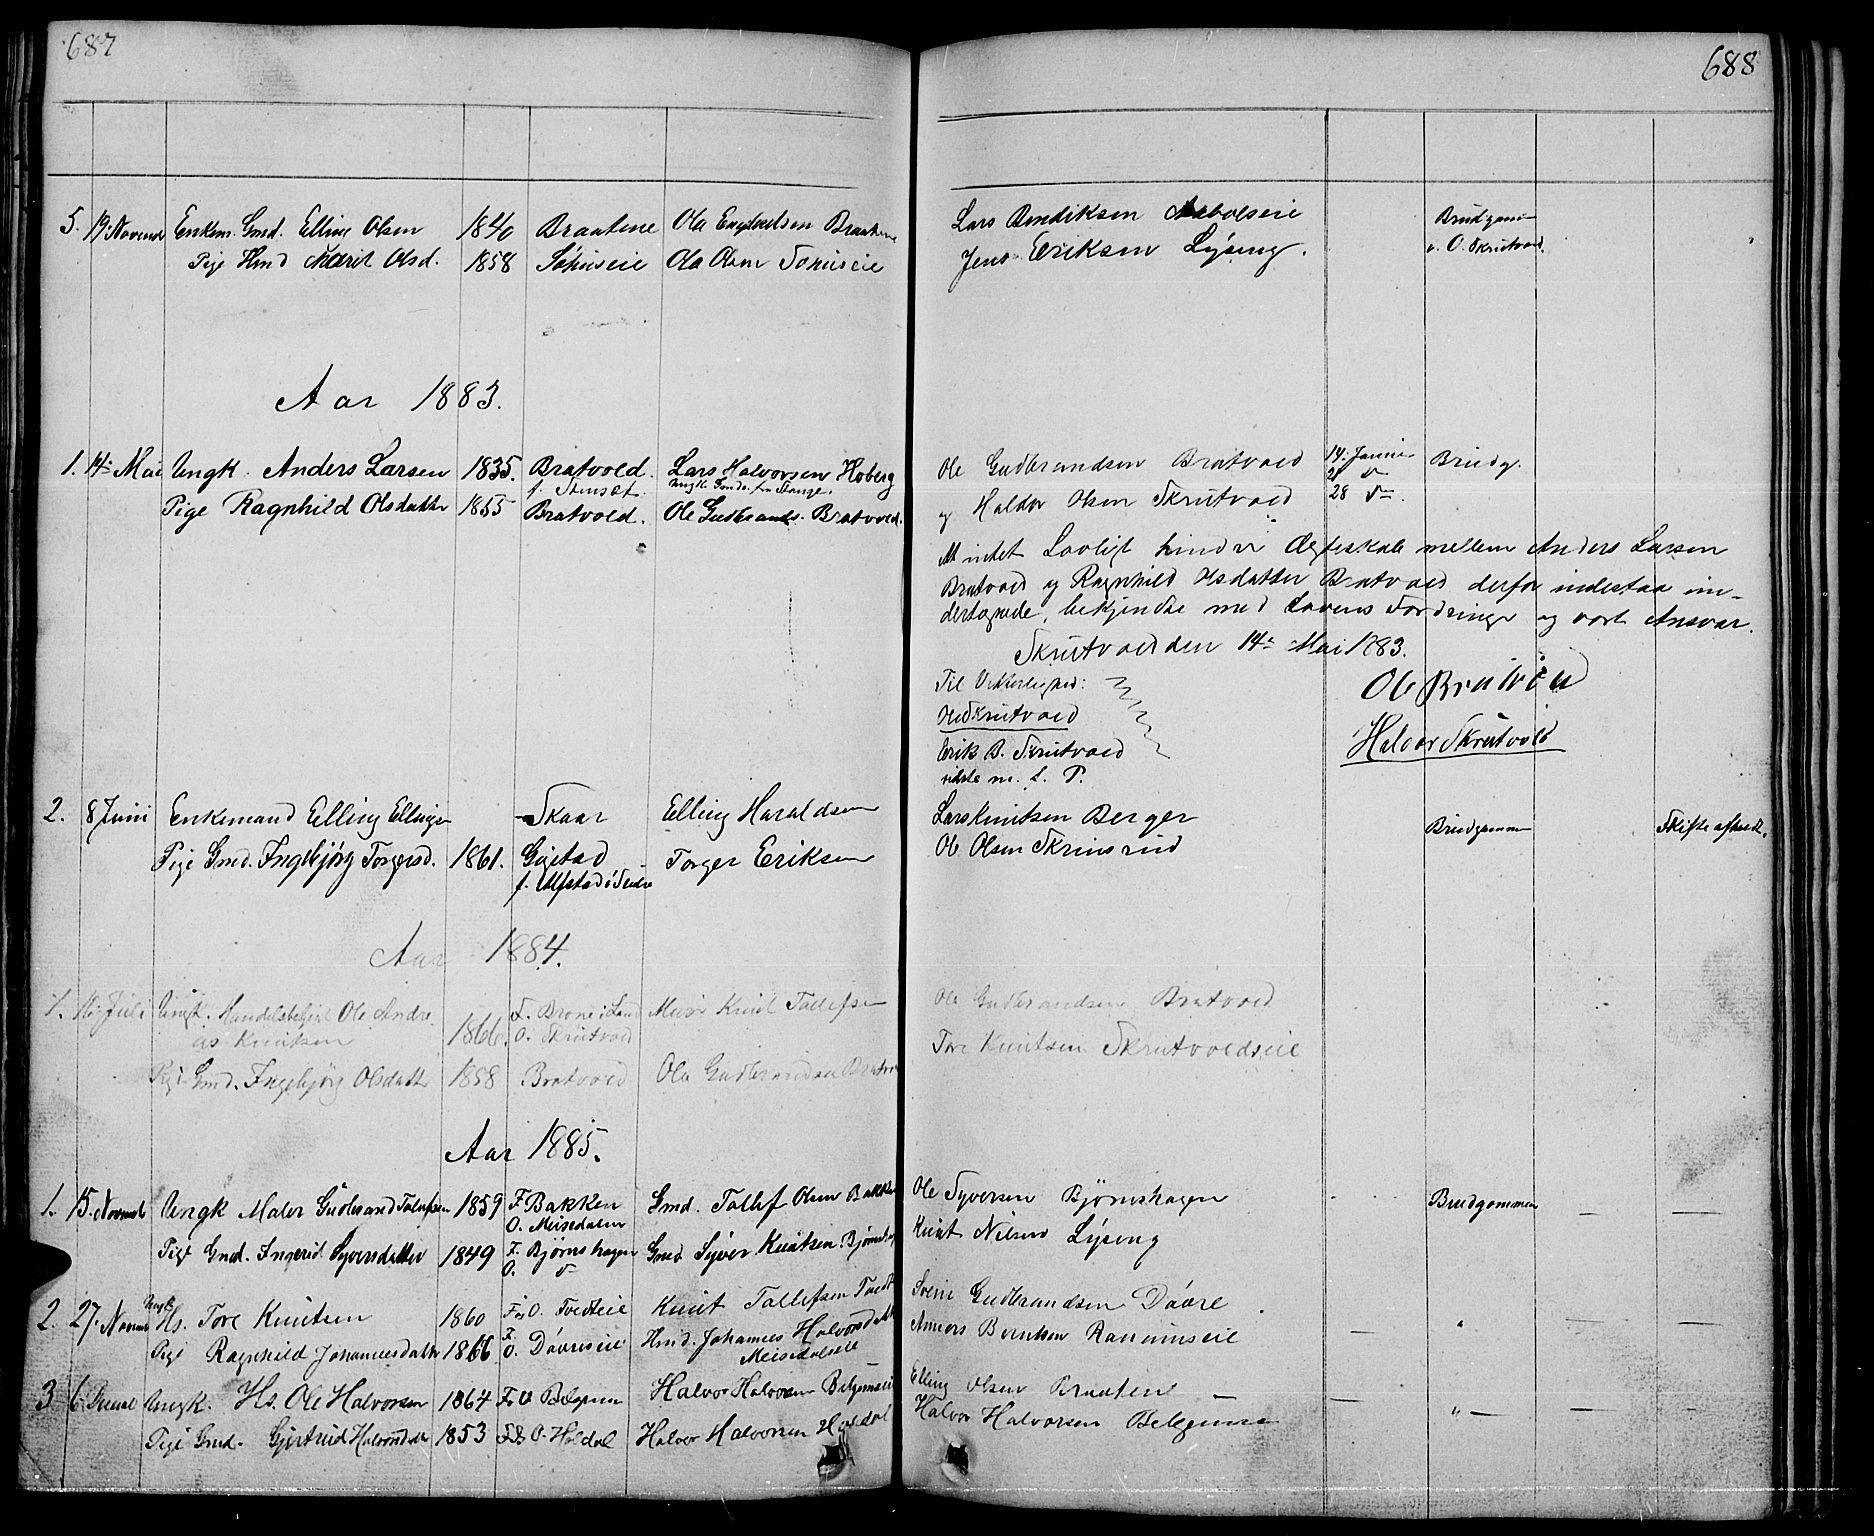 SAH, Nord-Aurdal prestekontor, Klokkerbok nr. 1, 1834-1887, s. 687-688